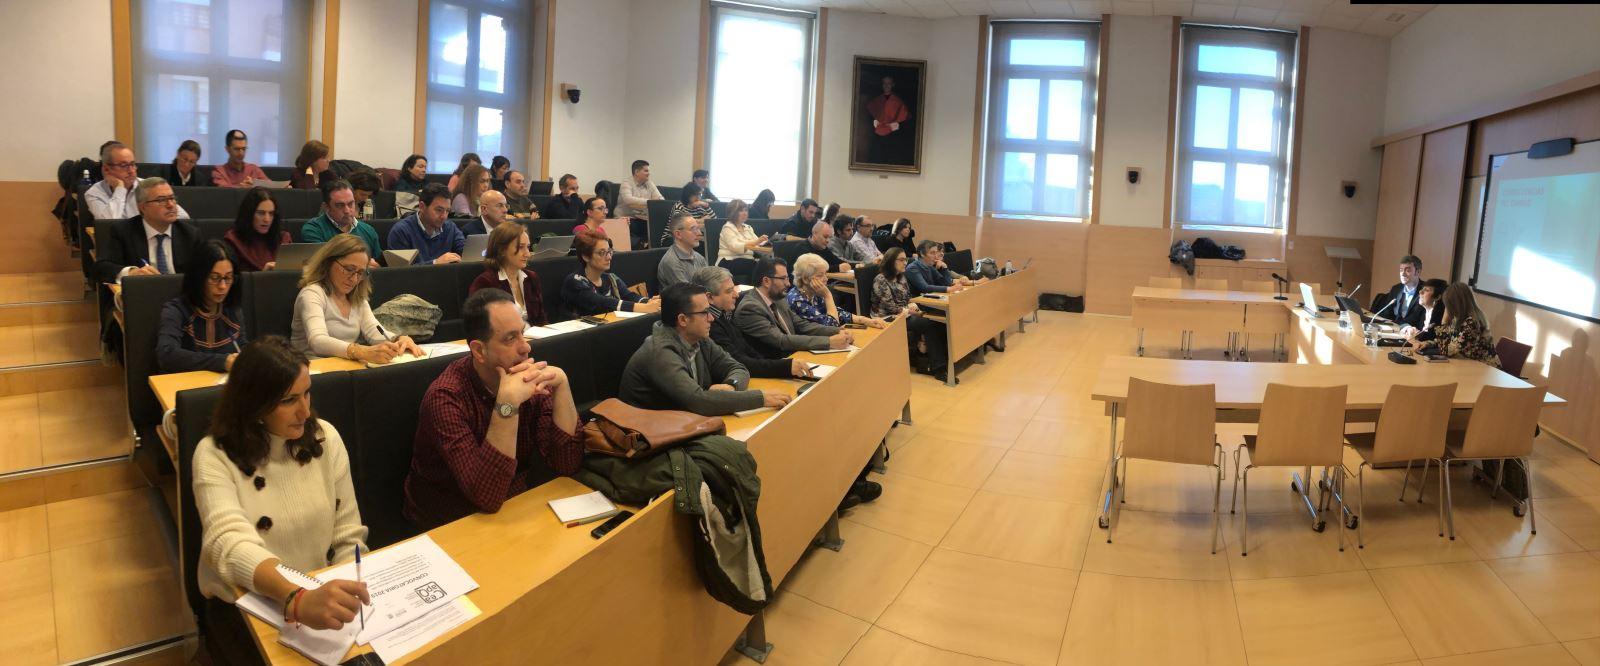 La UNE organiza una jornada para informar de la evolución de Unebook y el sello de calidad en ediciónacadémica CEA-APQ/ Rosa de Bustos